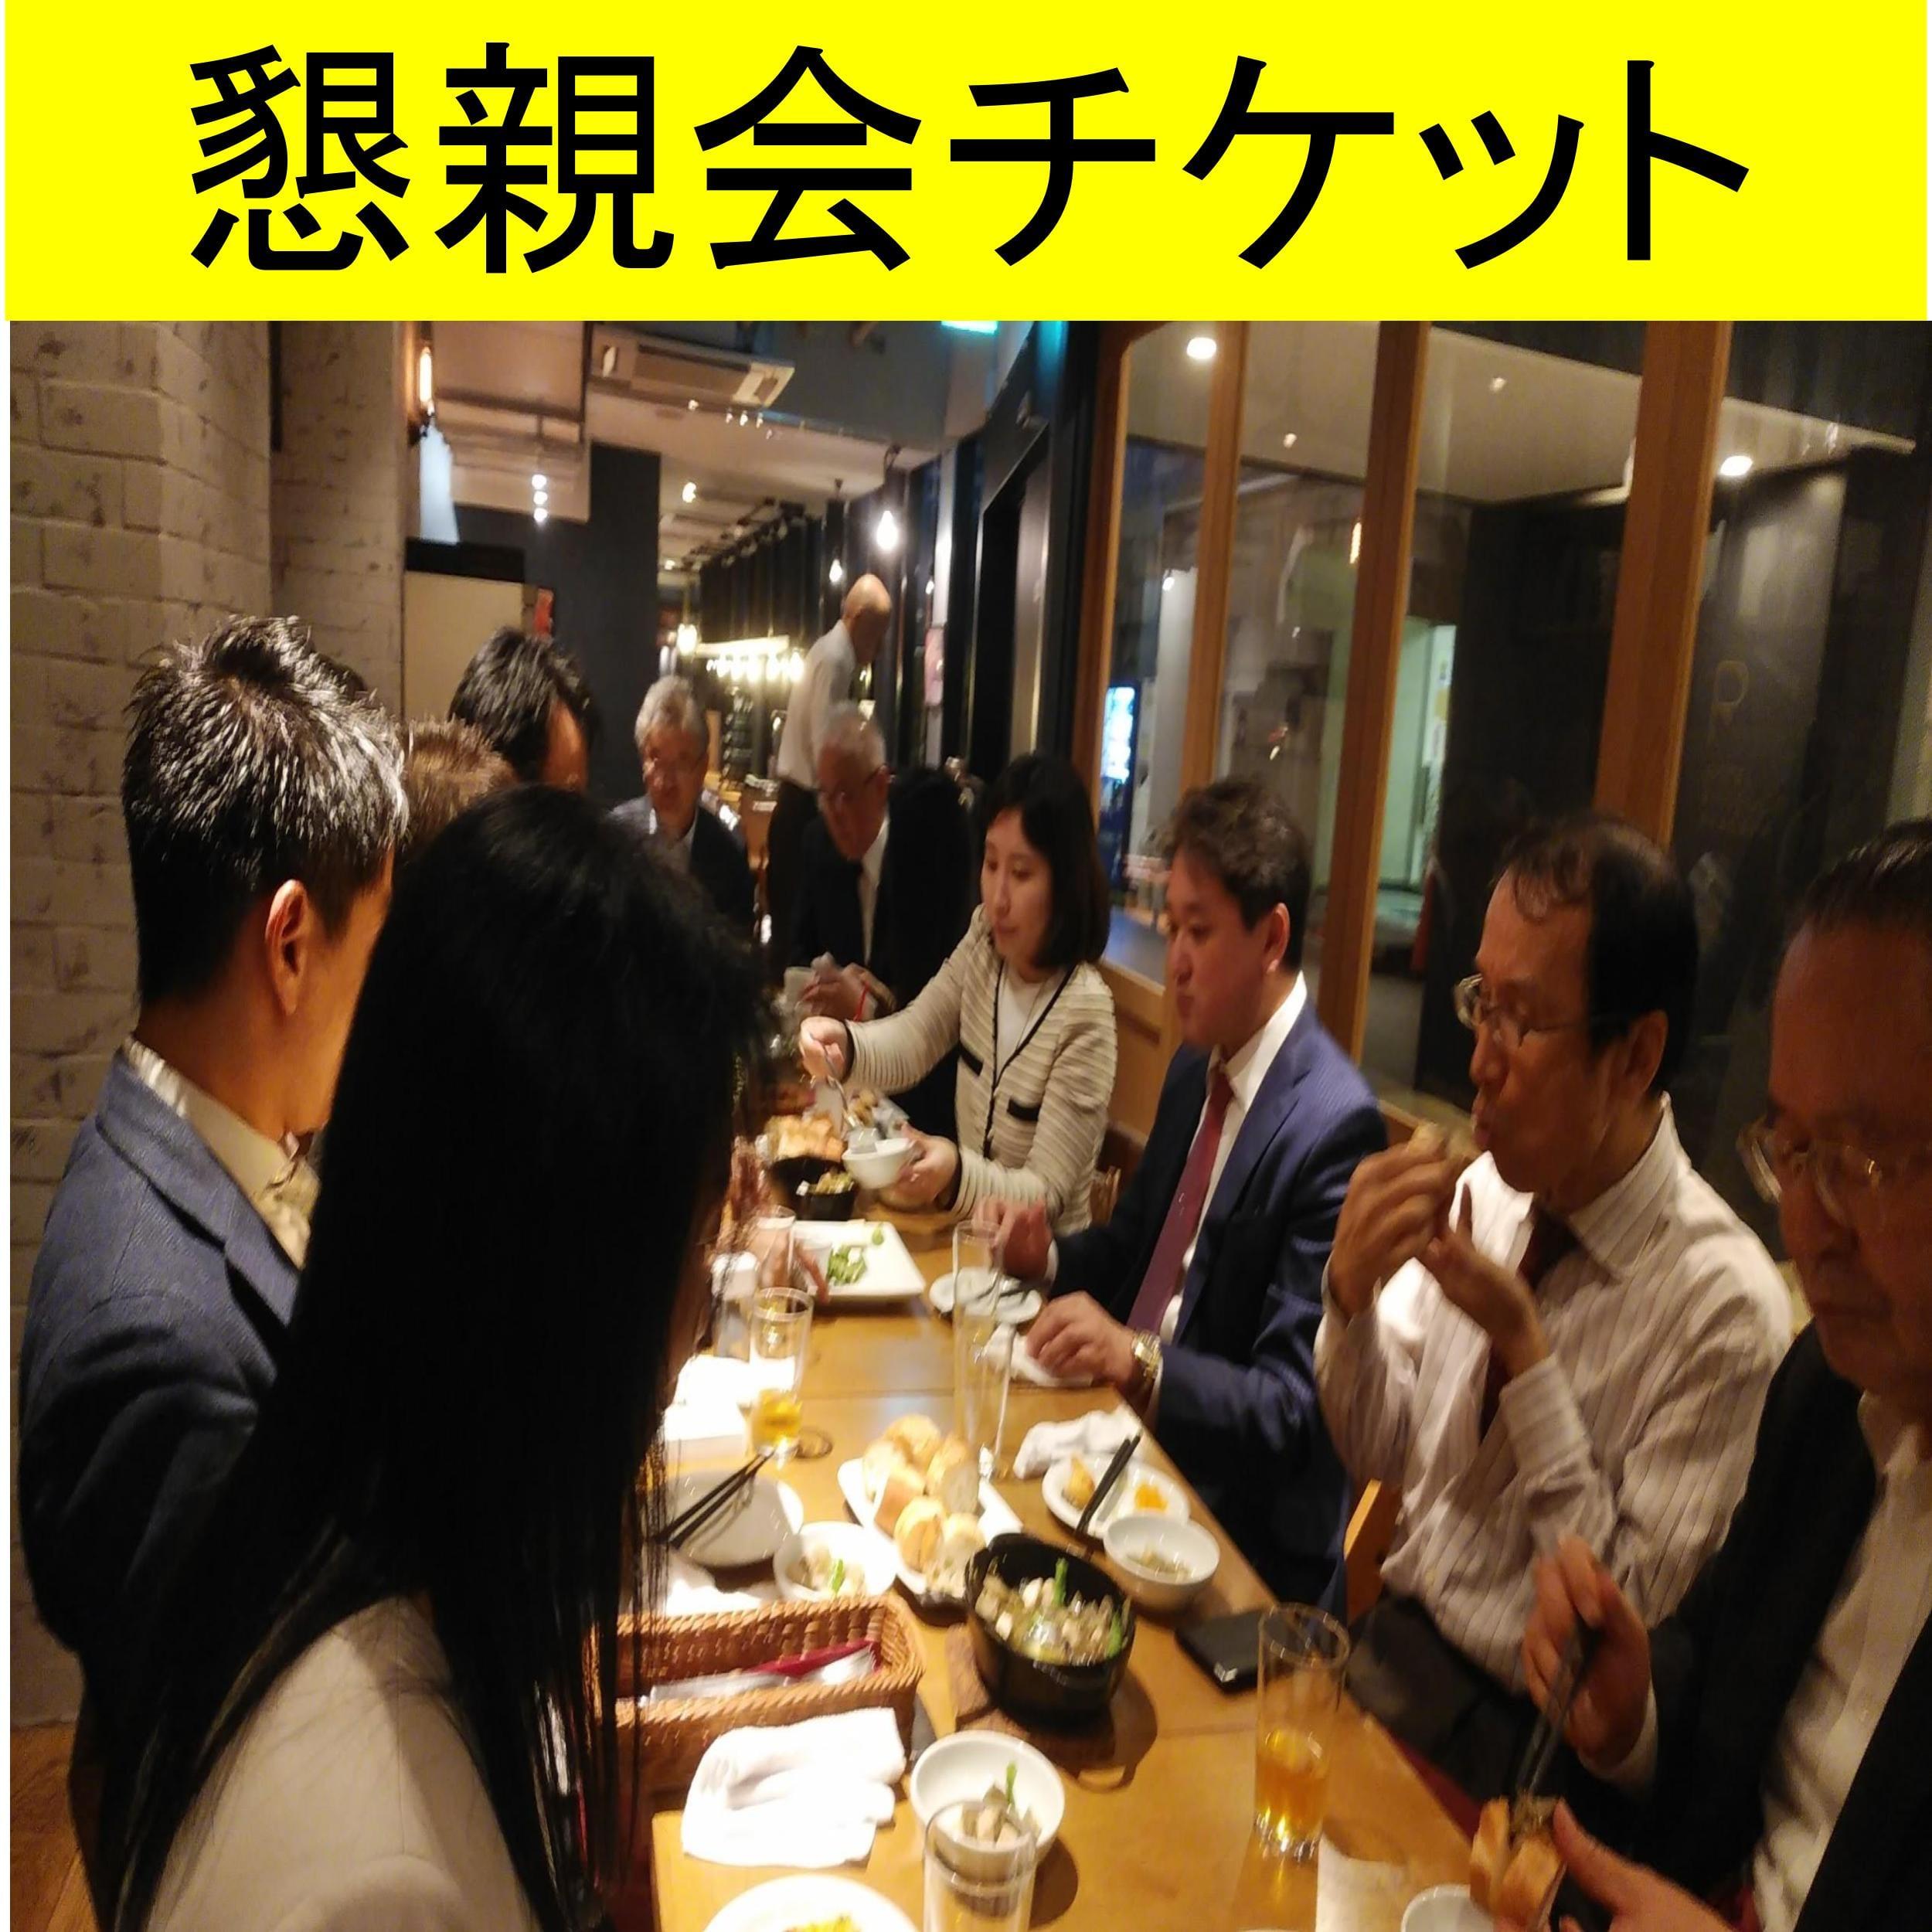 【全員共通】日本の医療と福祉を考える会 9/16 懇親会 チケットのイメージその6